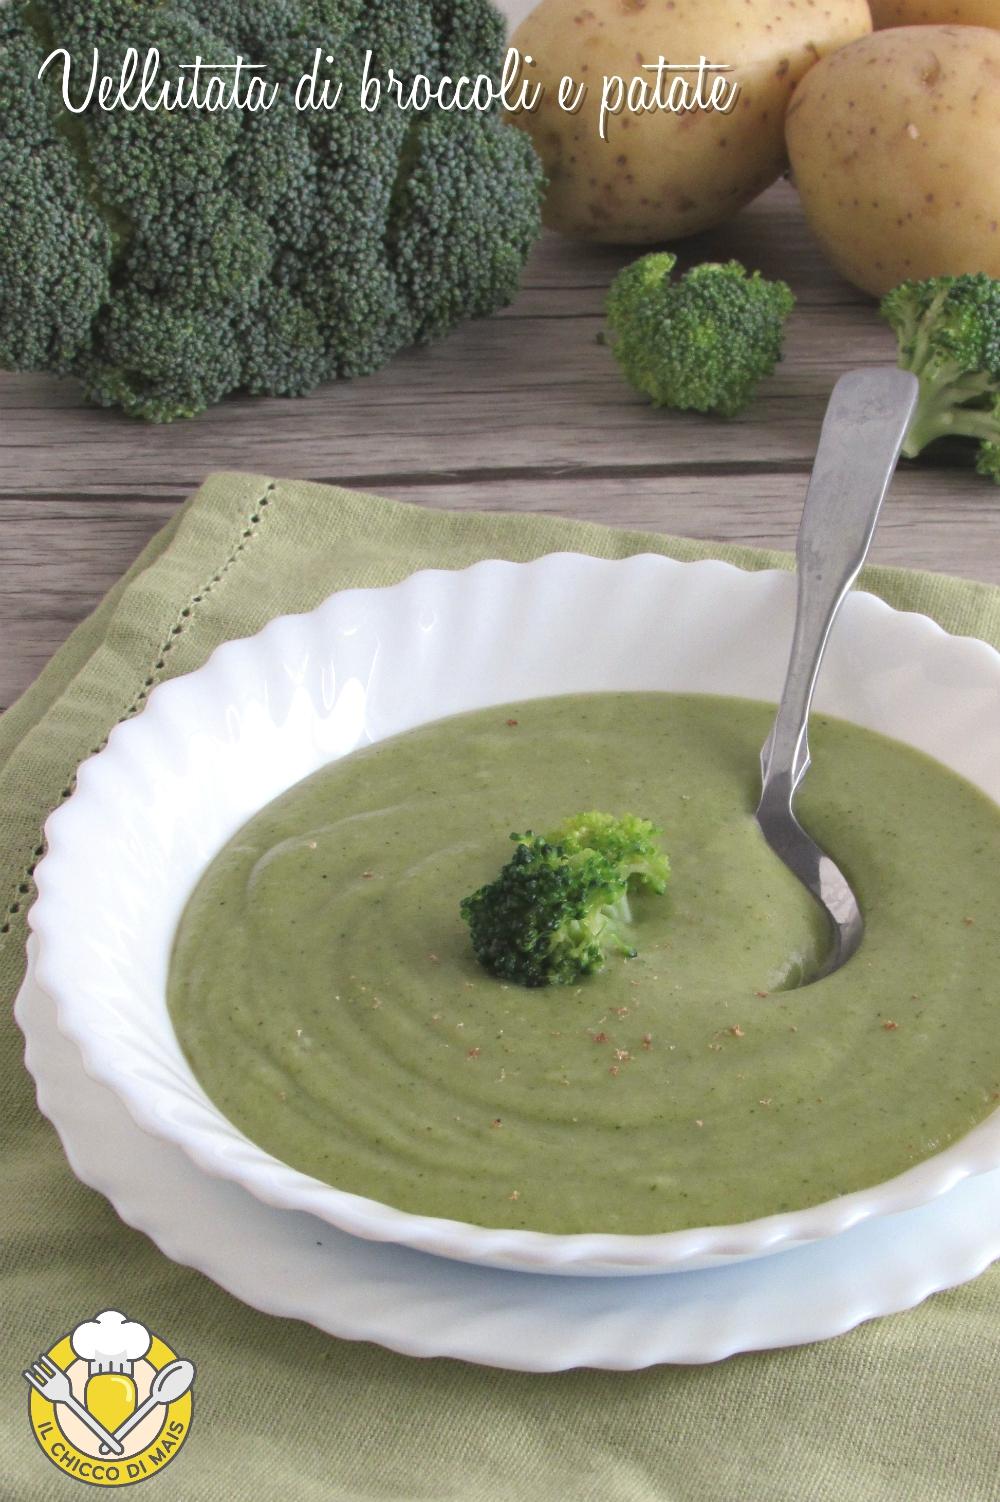 v_ vellutata di broccoli e patate ricetta facile cremosissima senza panna il chicco di mais